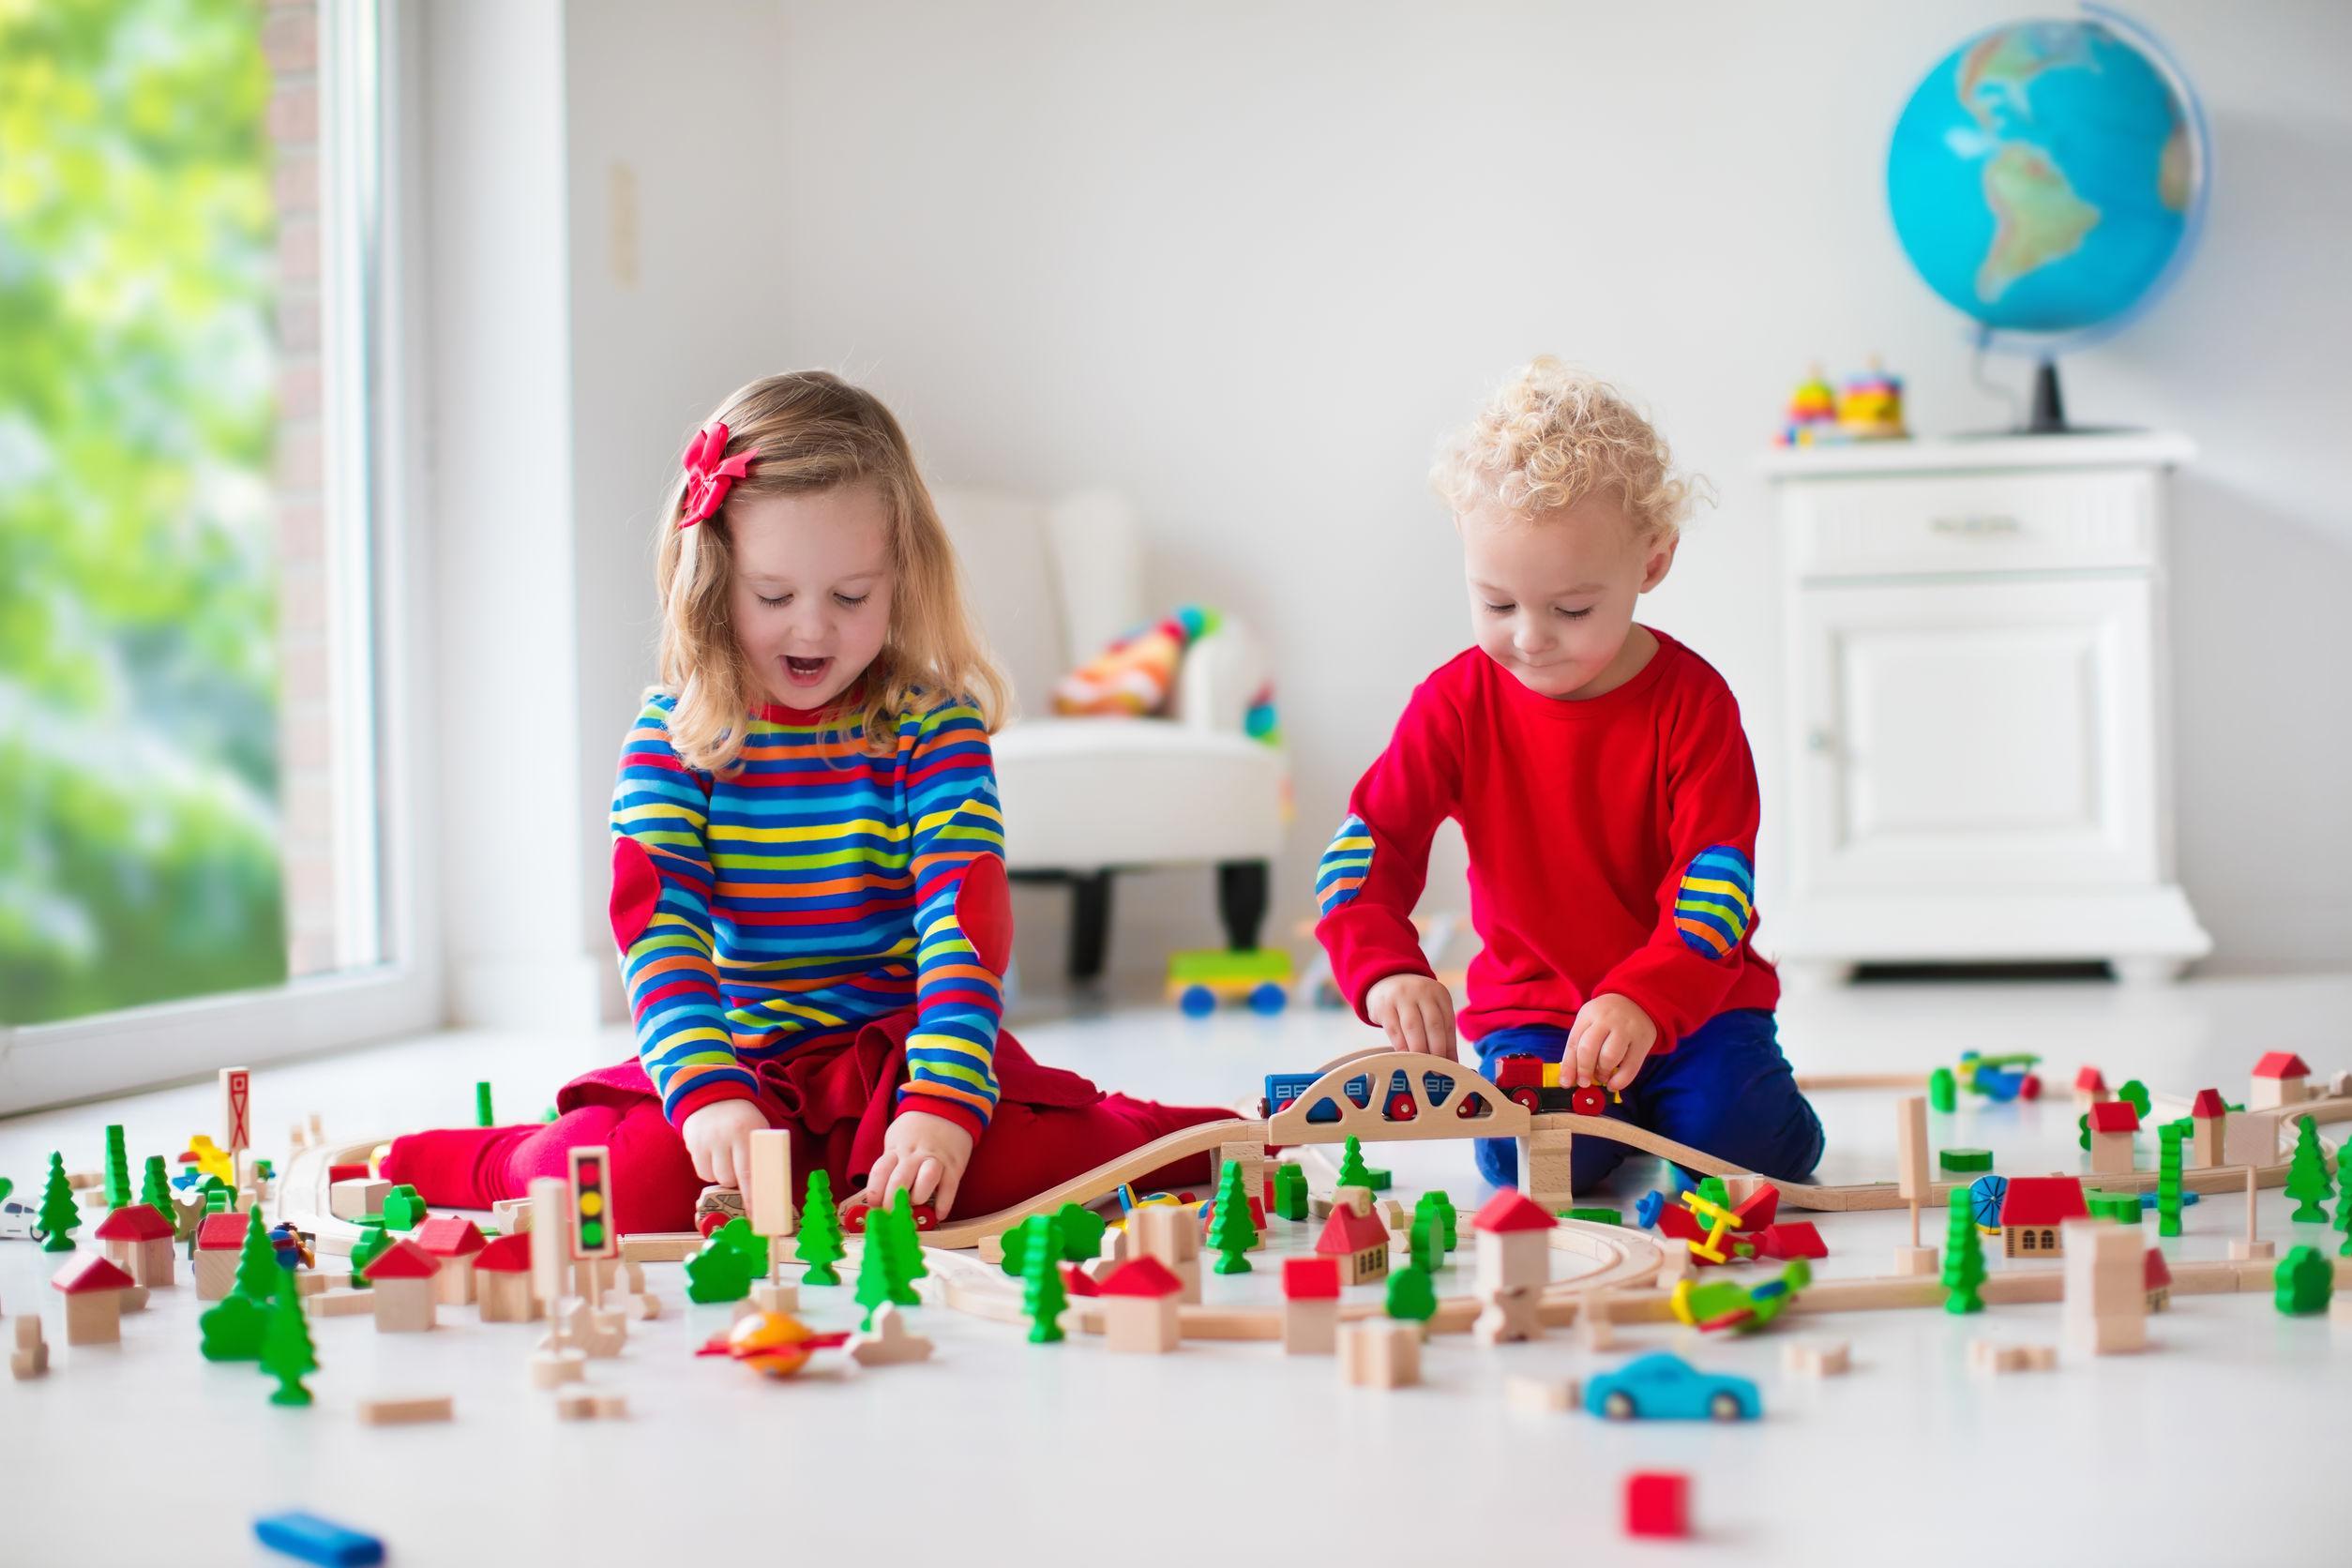 Brinquedos para crianças de 2 anos: Quais são os melhores de 2021?